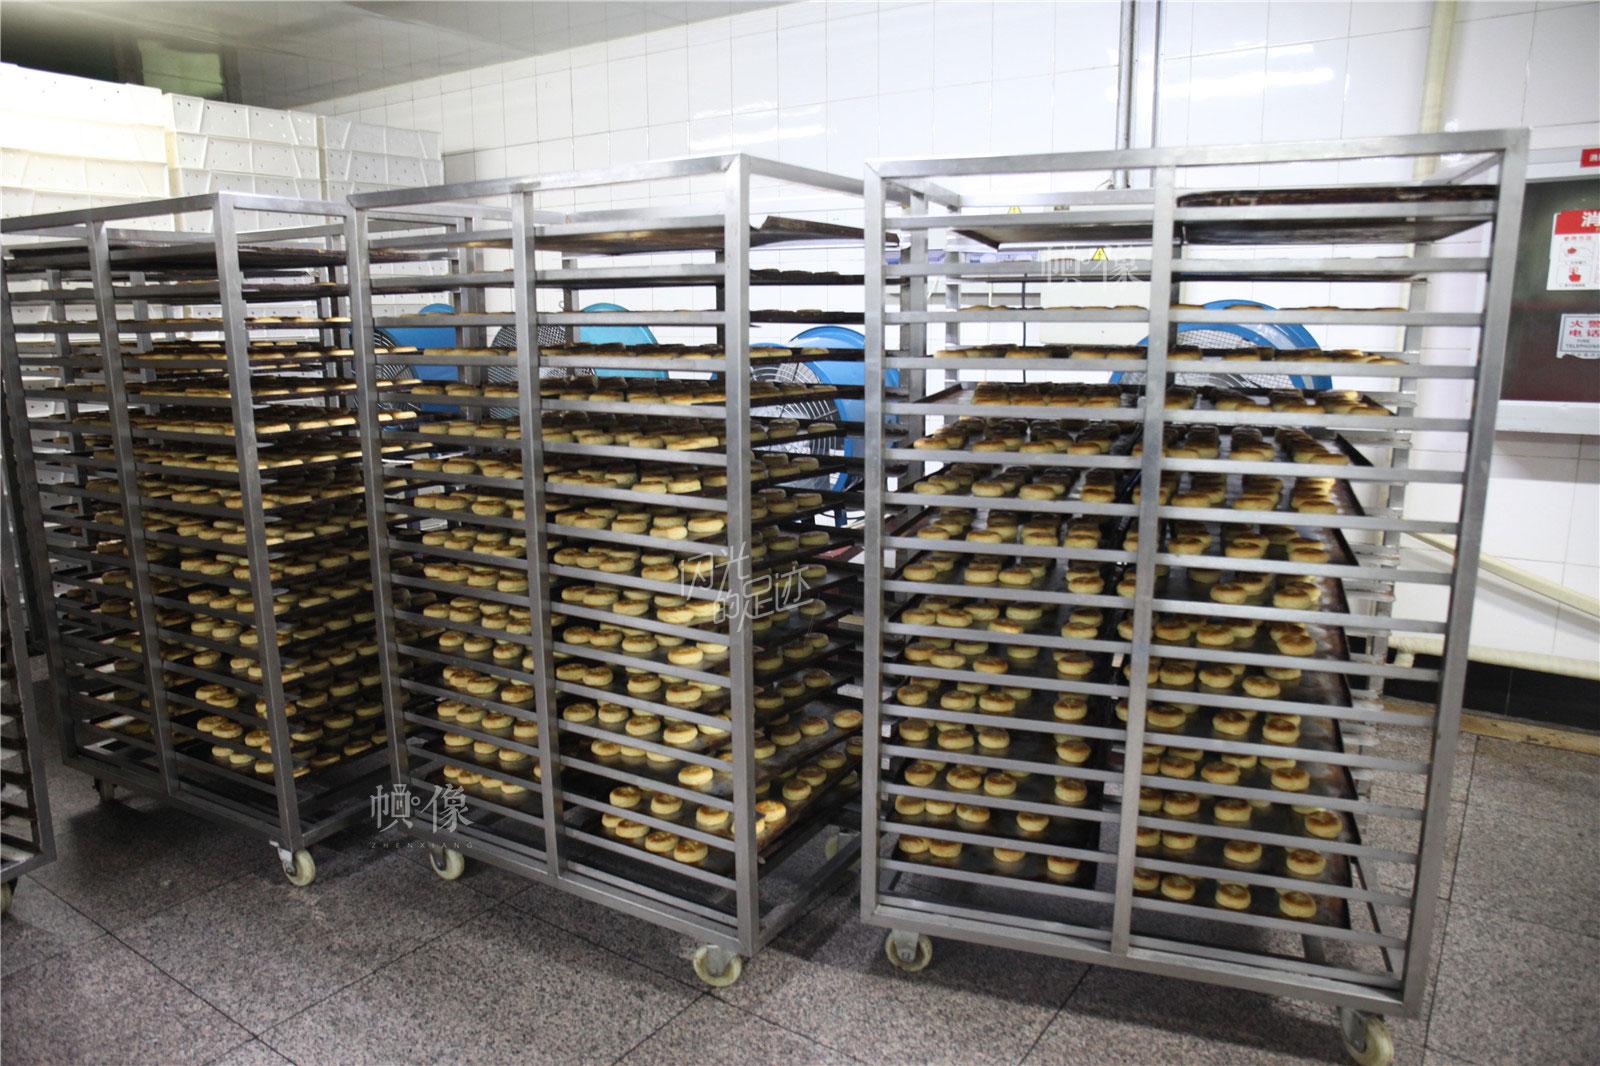 2017年3月2日,北京稻香村生产加工车间,放置糕点的架子上摆满制作好的糕点。中国网记者 高南 摄